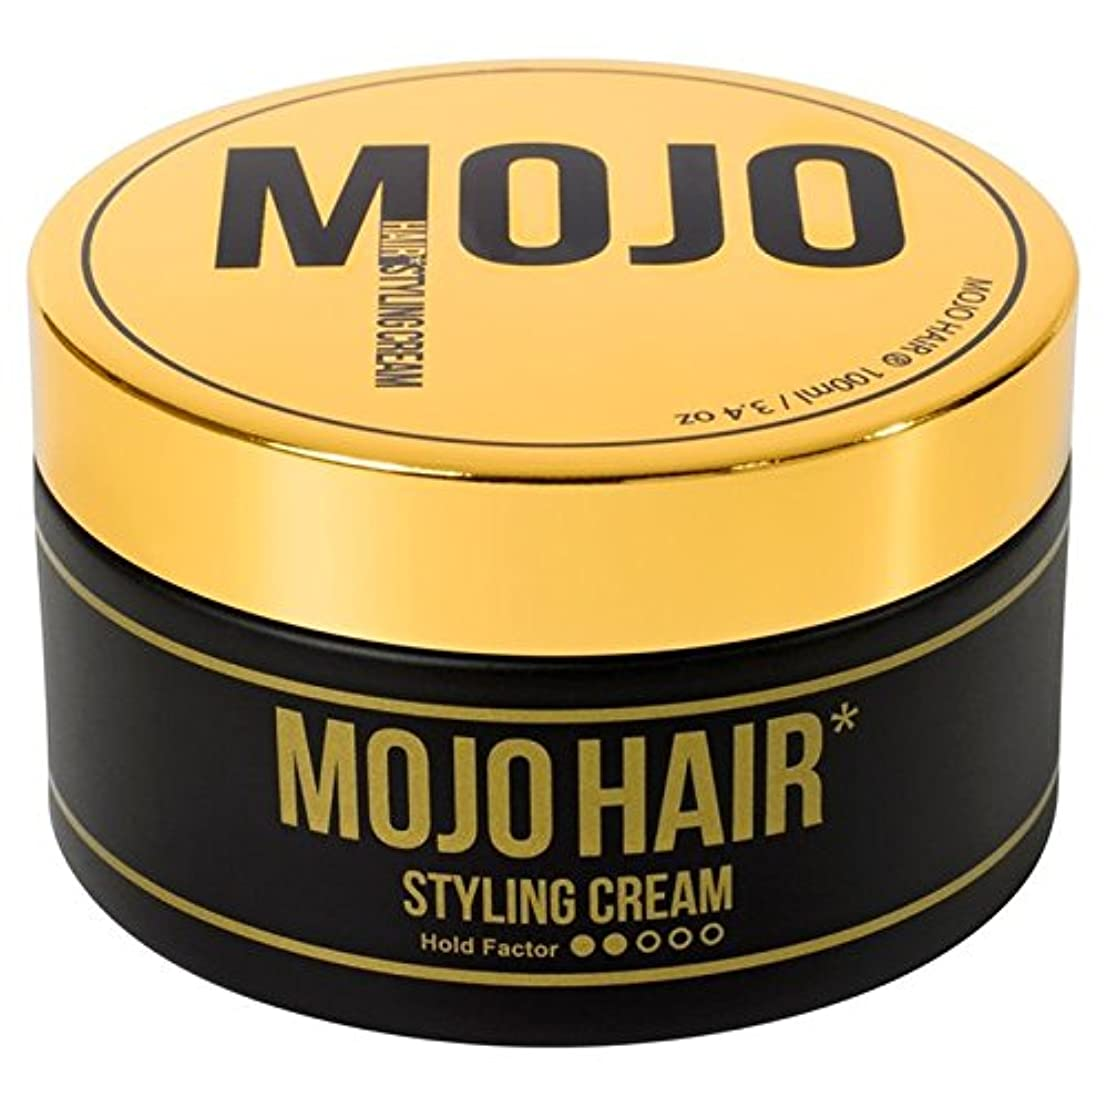 隙間ベルパニック100ミリリットル男性のためのモジョのヘアスタイリングクリーム x2 - MOJO HAIR Styling Cream for Men 100ml (Pack of 2) [並行輸入品]